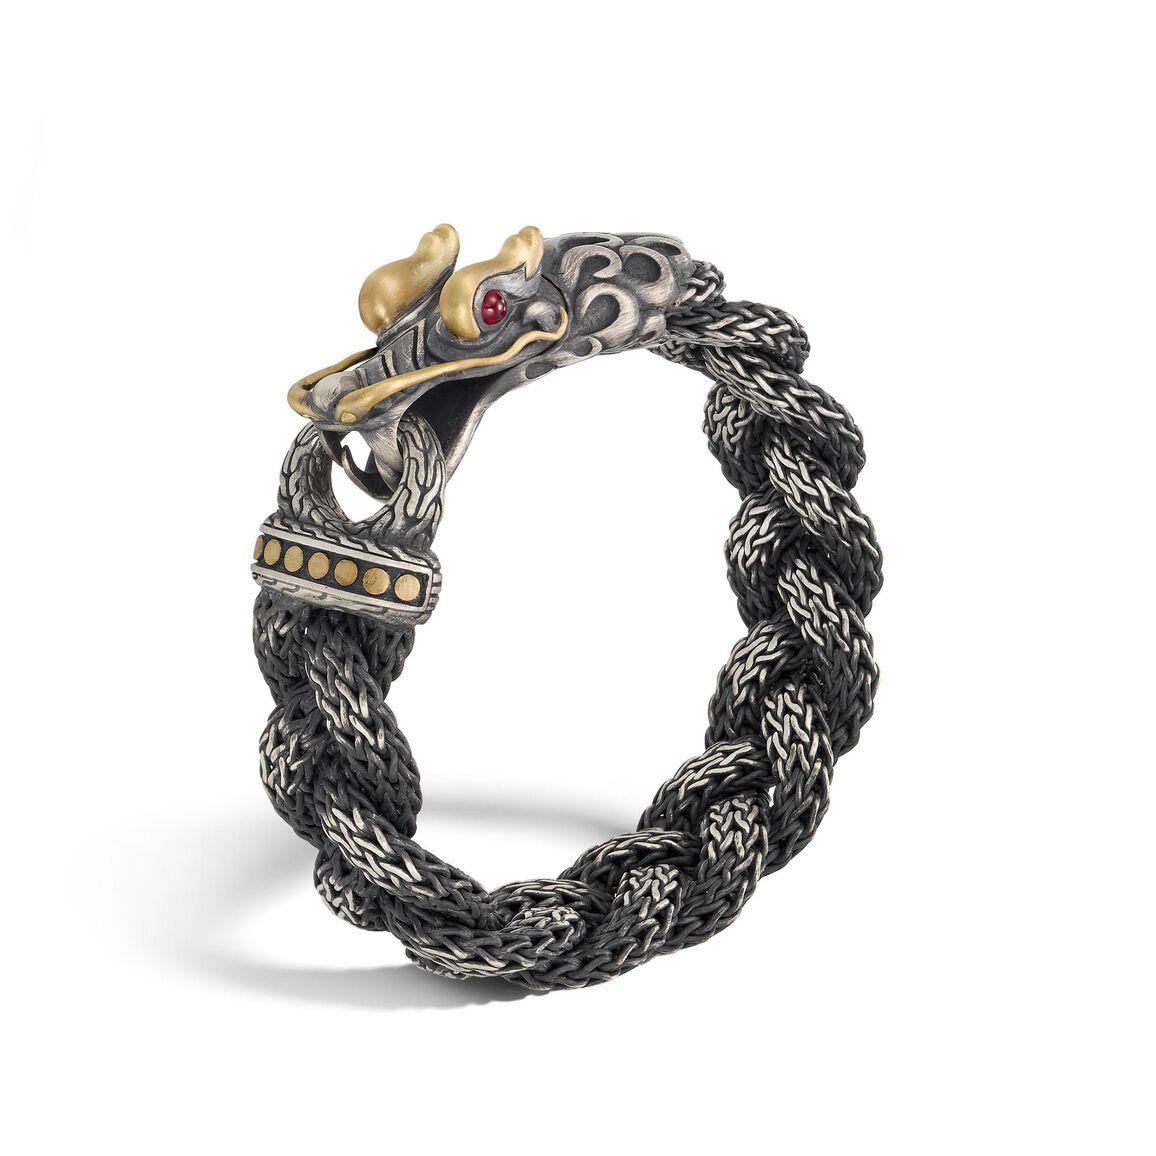 Legends Naga 18.5MM Station Bracelet in Silver and 18K Gold